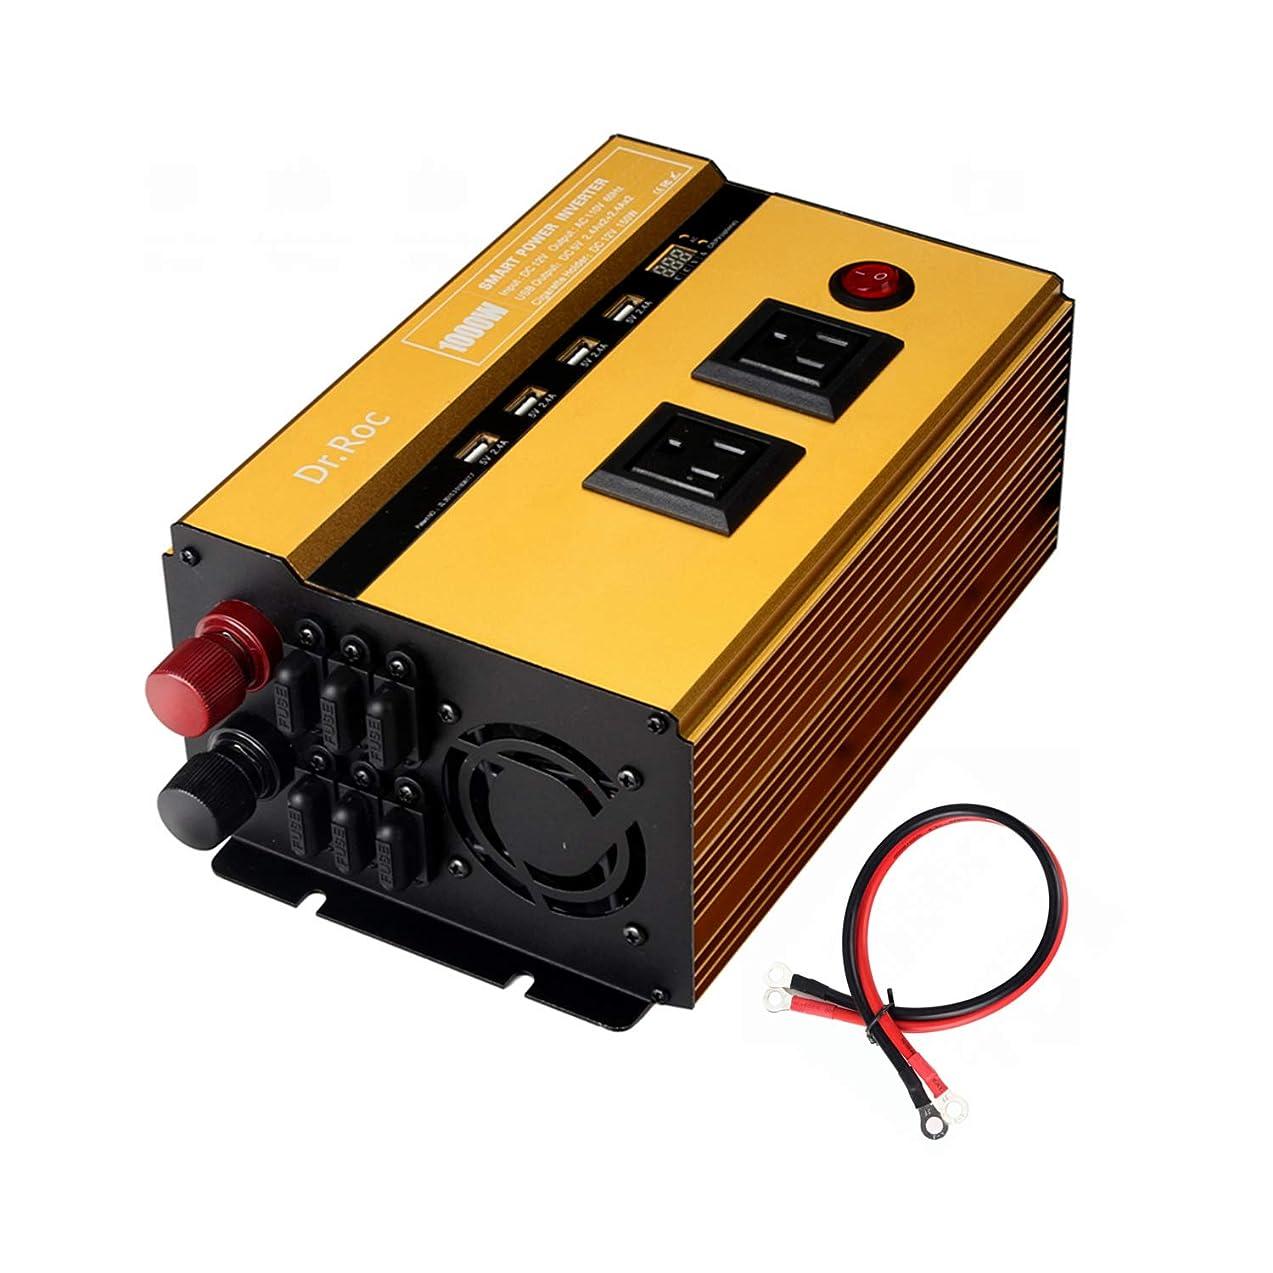 Dr.Roc 1000W Power Inverter DC 12V to AC 110V Car Adapter Car RV Pickup Home Power Converter - 2 AC Outlets,2 Cigarette Lighter Outlets,4 USB Charger,LED Current Voltage Meter